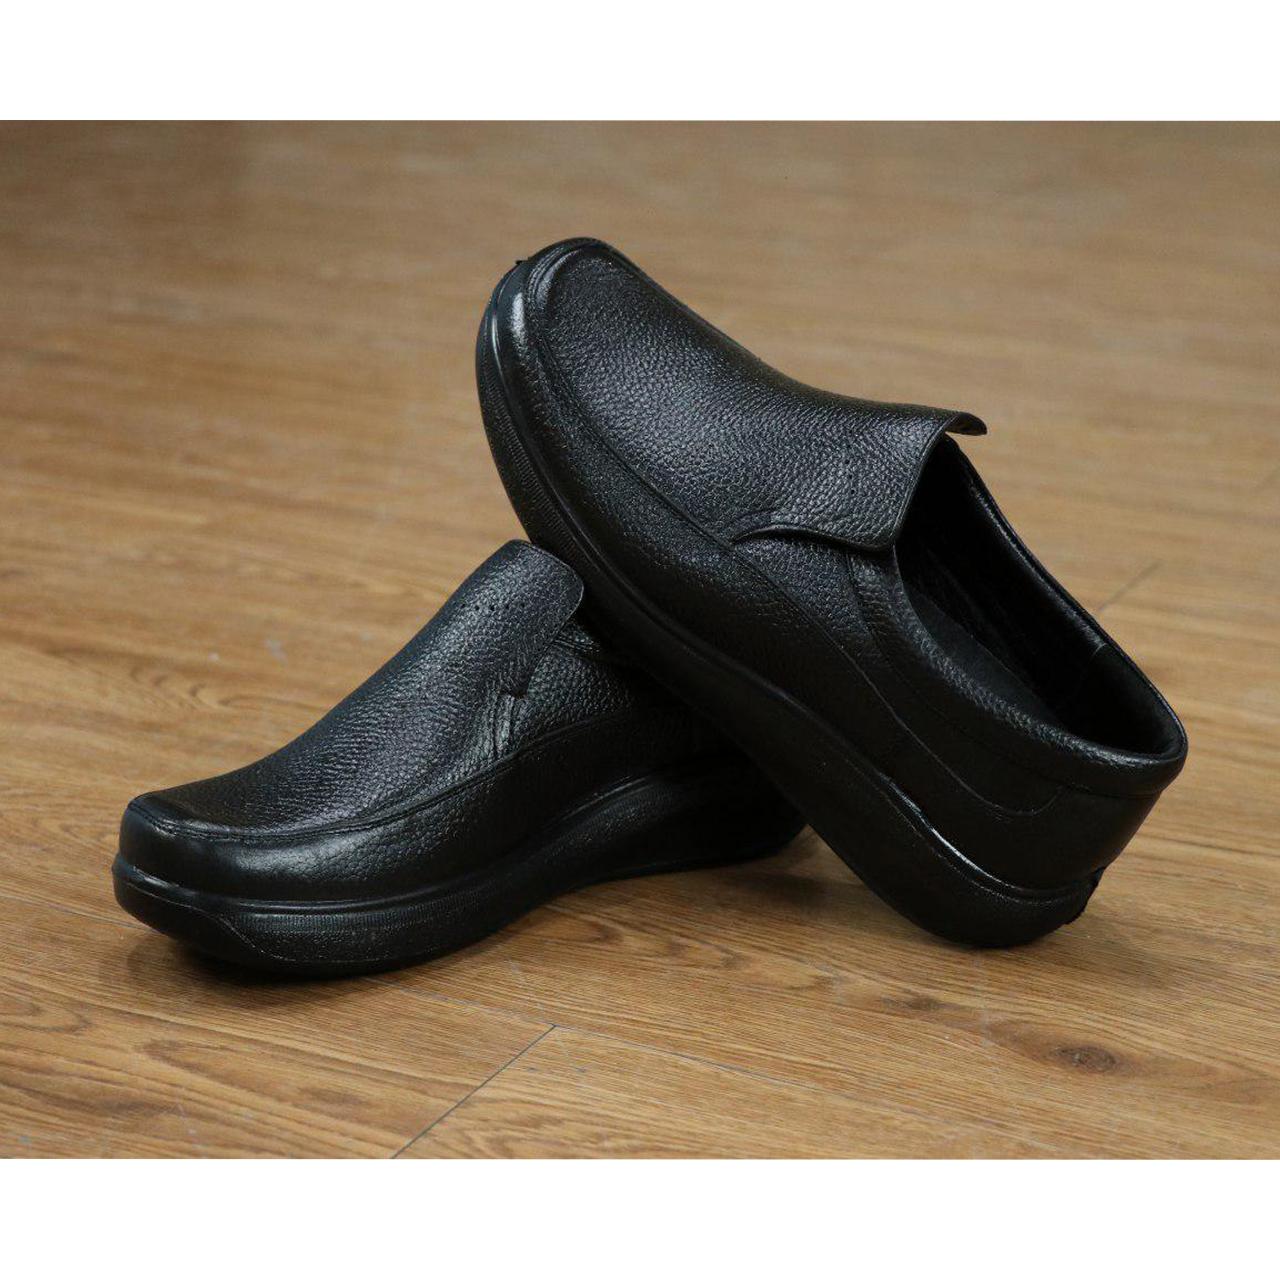 کفش روزمره مردانه مدل NG M 2079 M در بزرگترین فروشگاه اینترنتی جنوب کشور ویزمارکت